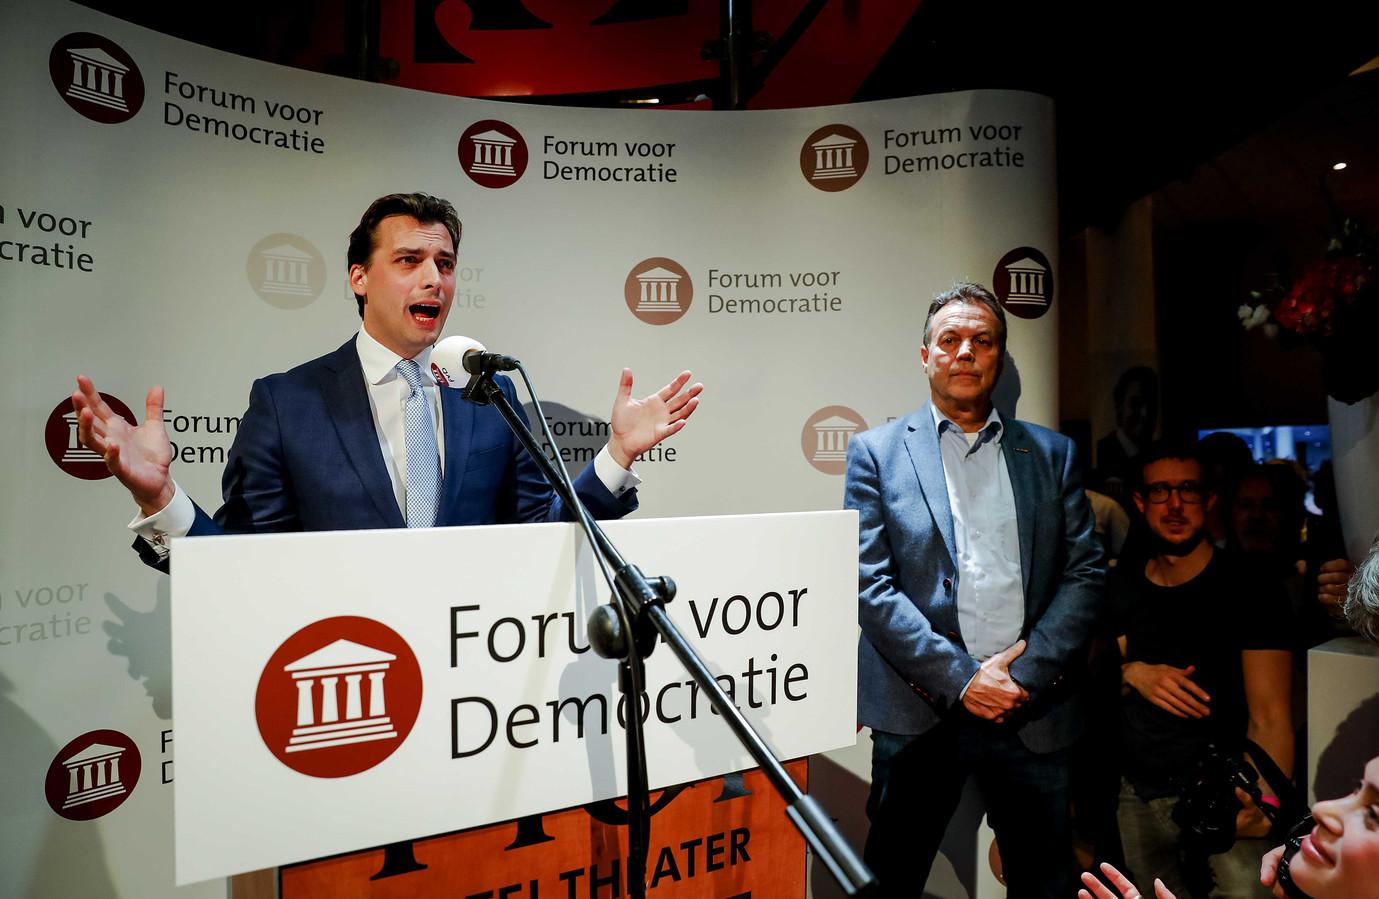 ZEIST - Lijsttrekker Thierry Baudet van Forum voor Democratie (FvD) tijdens de uitslagenavond van de Provinciale Statenverkiezingen en de waterschapsverkiezingen.